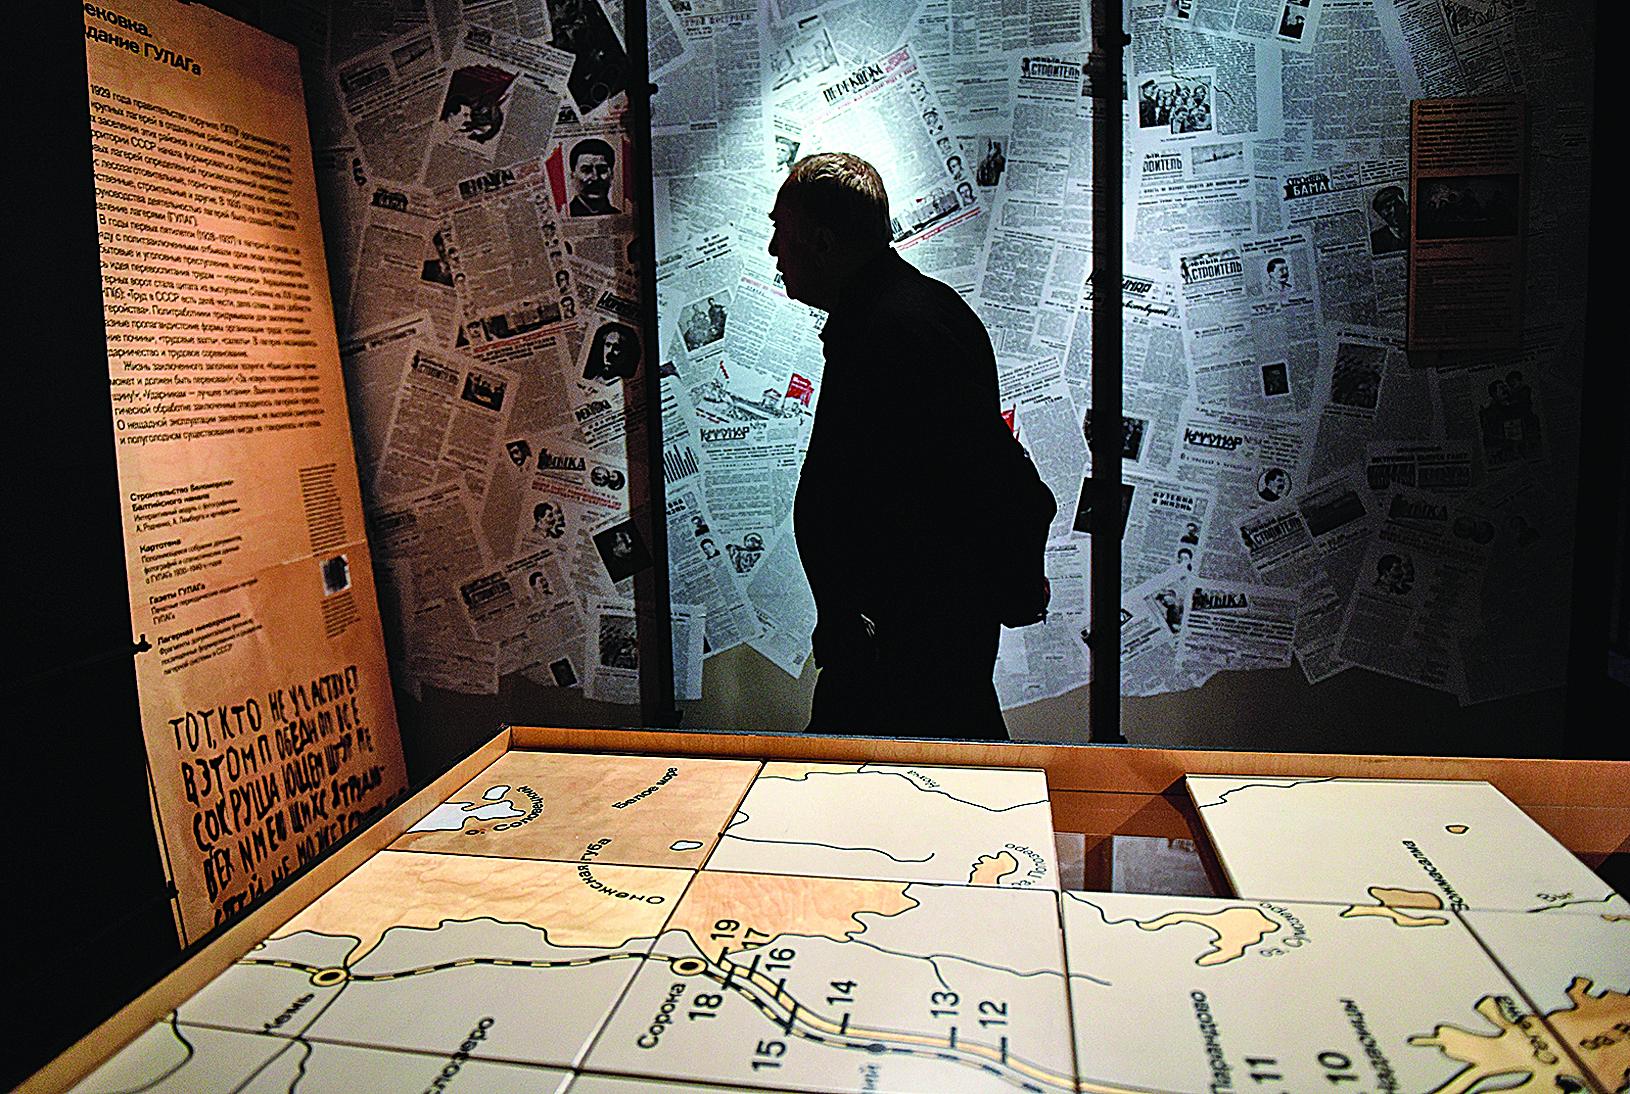 2015年10月30日,莫斯科的古拉格歷史博物館在遷入新址後首度對外開放。圖為參觀者在展廳內參觀。(VASILY MAXIMOV/AFP/Getty Images)